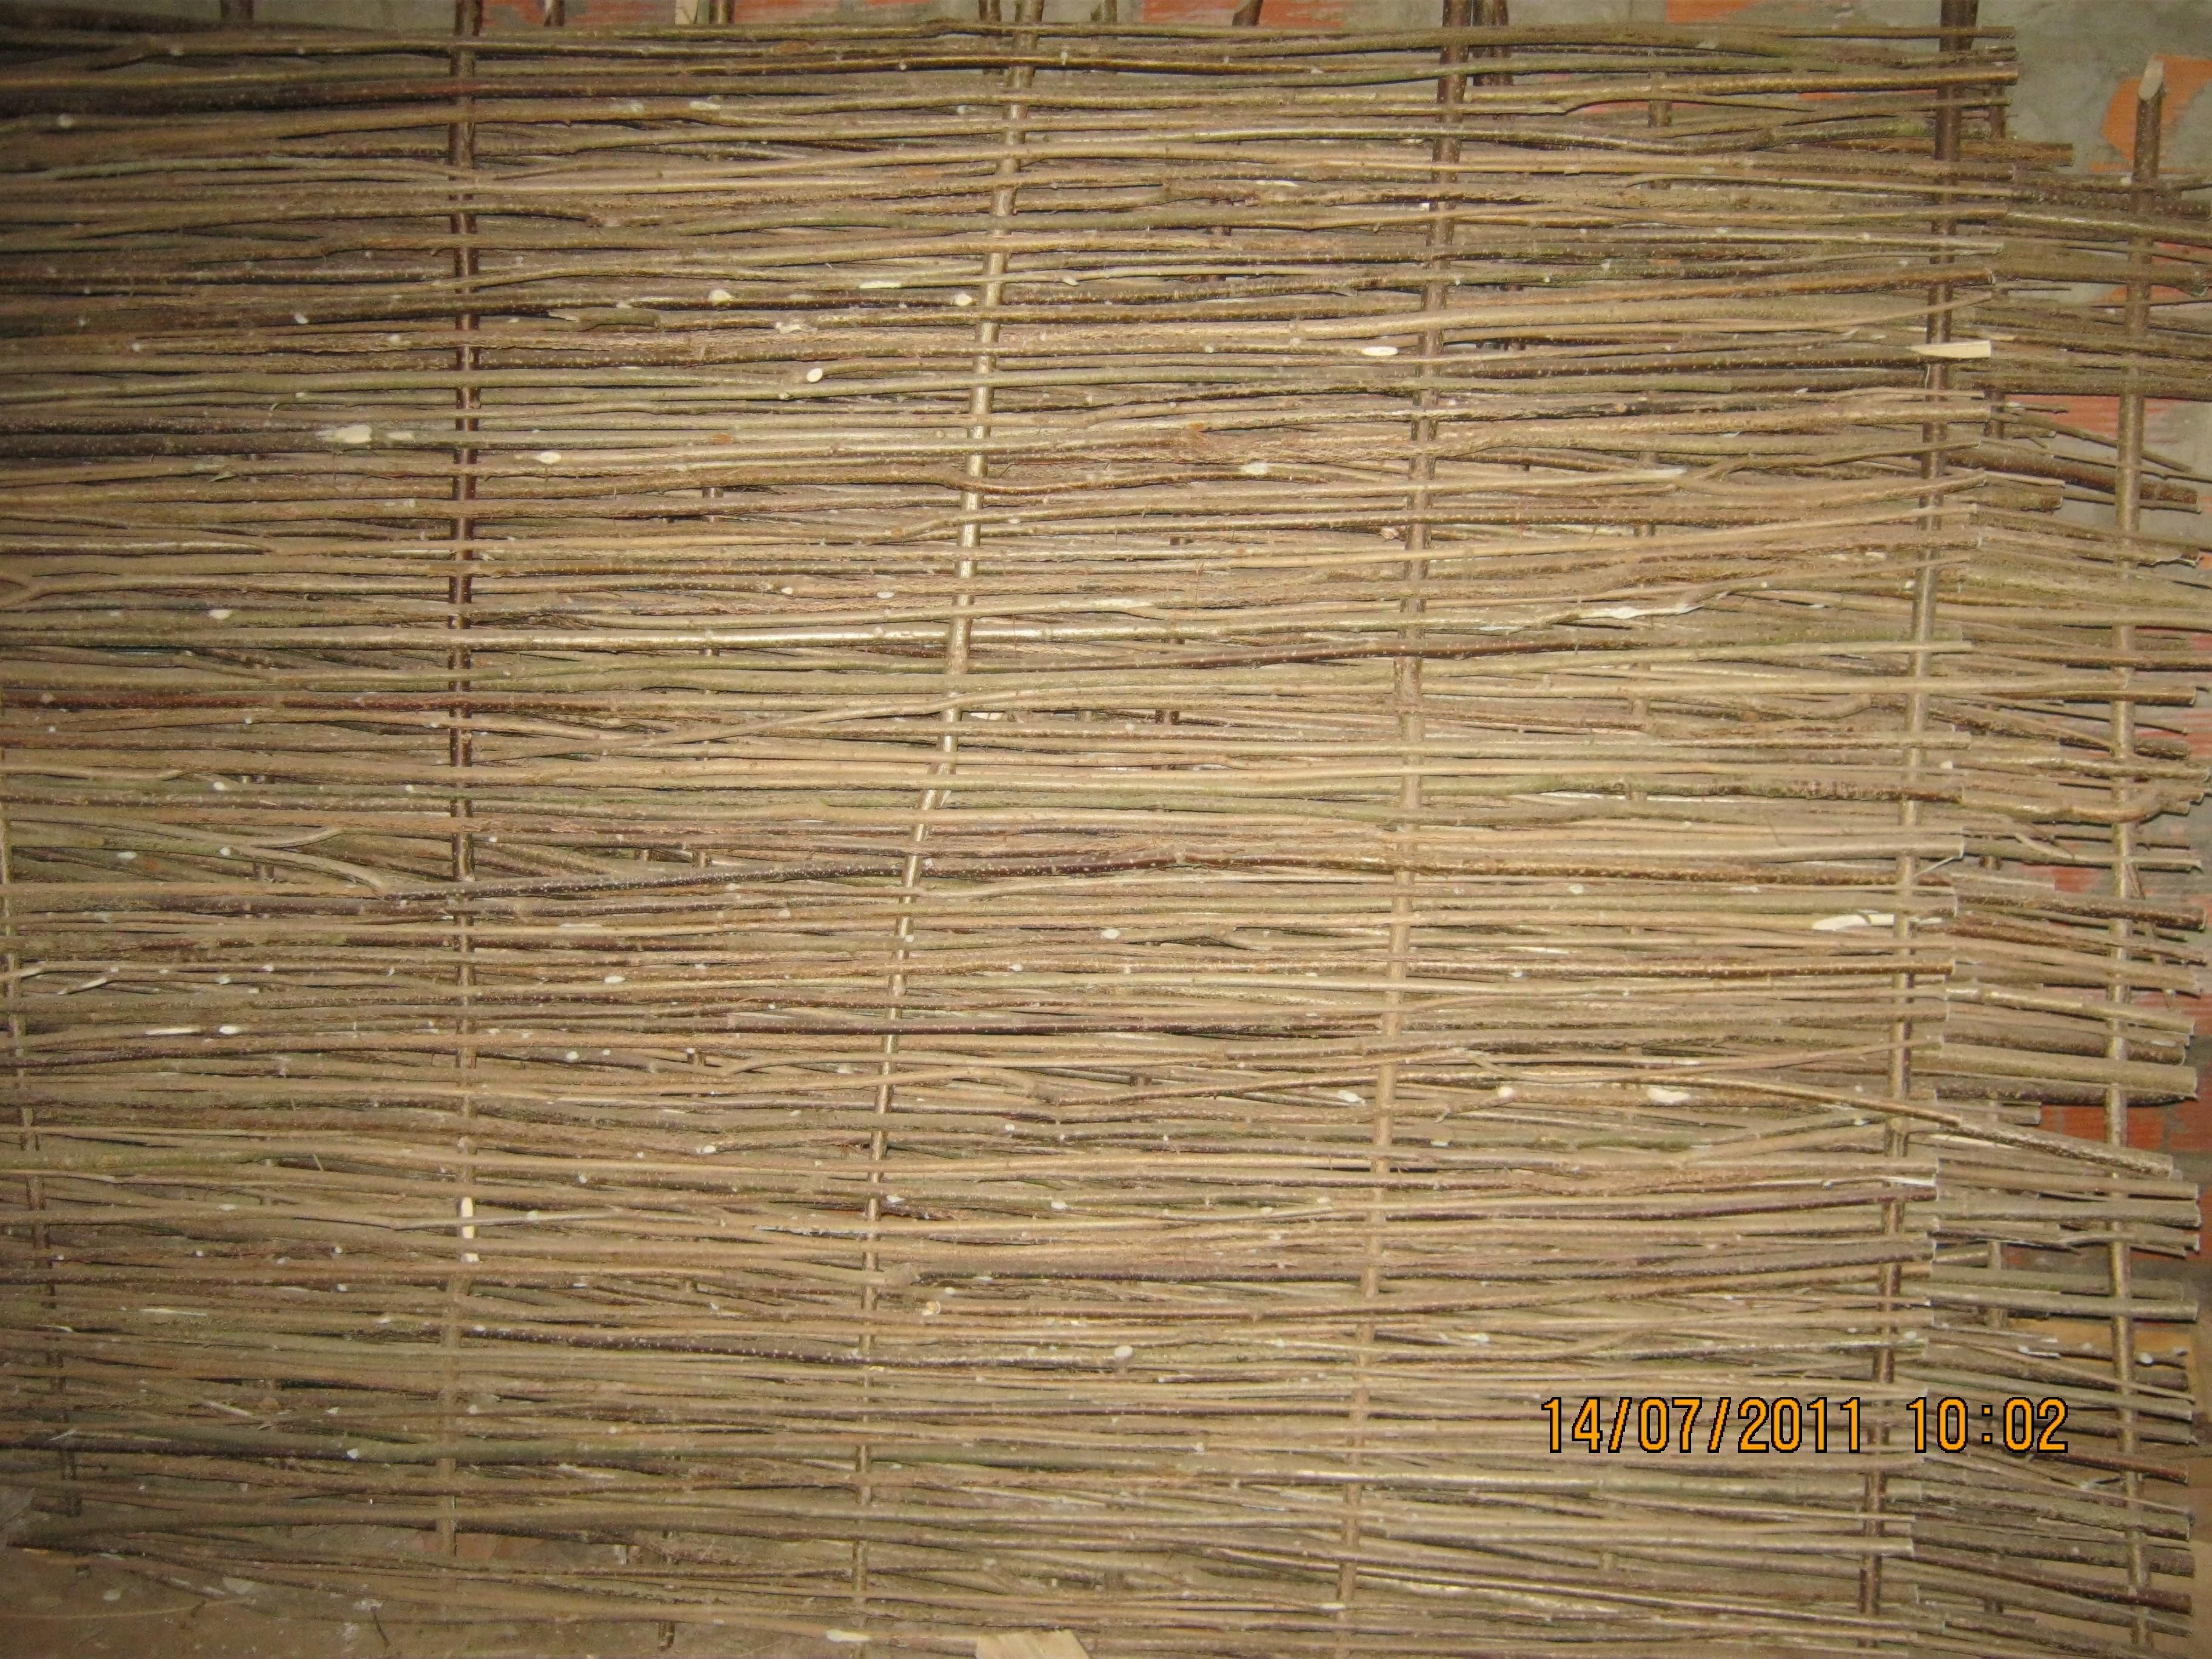 заборы плетеные, щит строительный деревяный, декоративные заборы с пиломатериала. гарантия